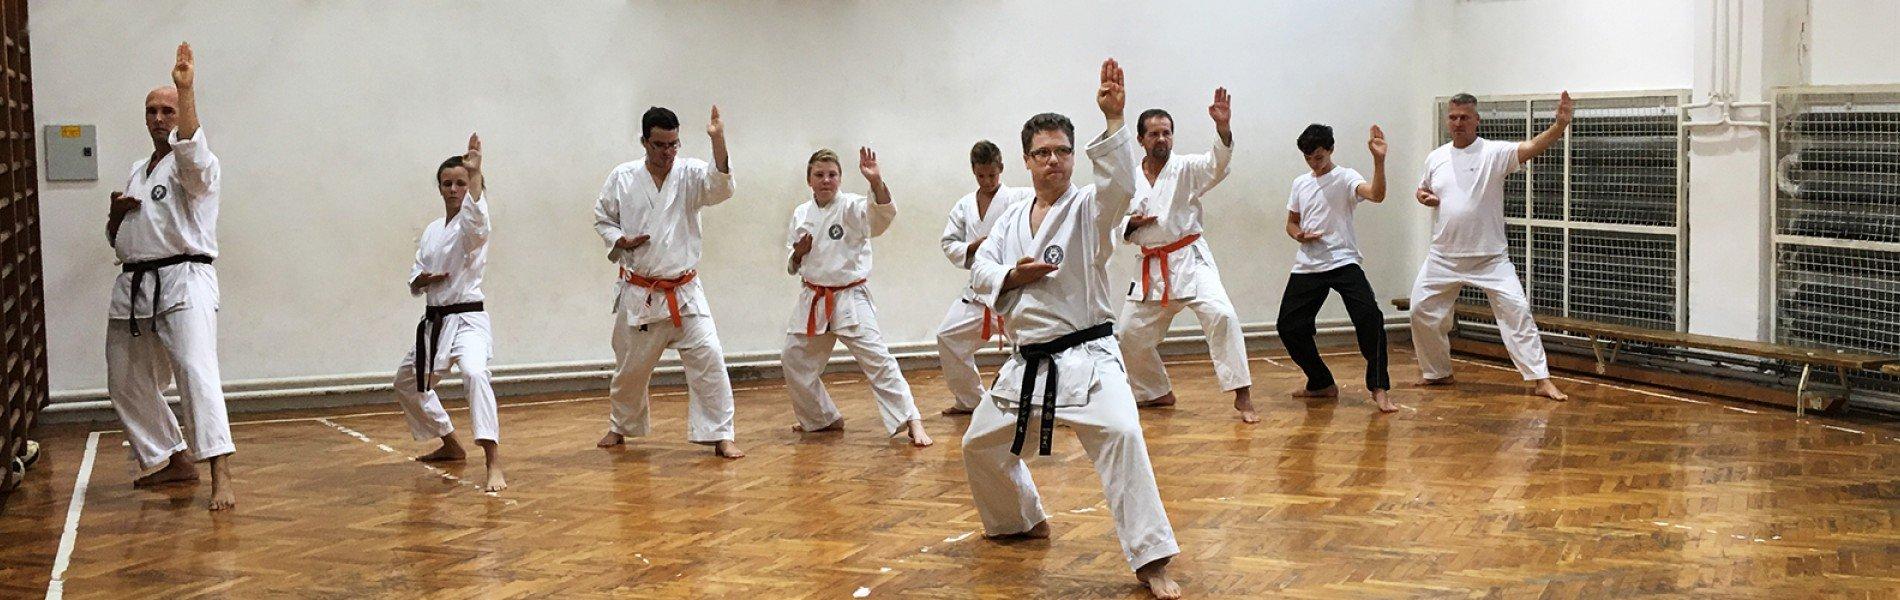 Wado-ryu karateoktatás Szegeden